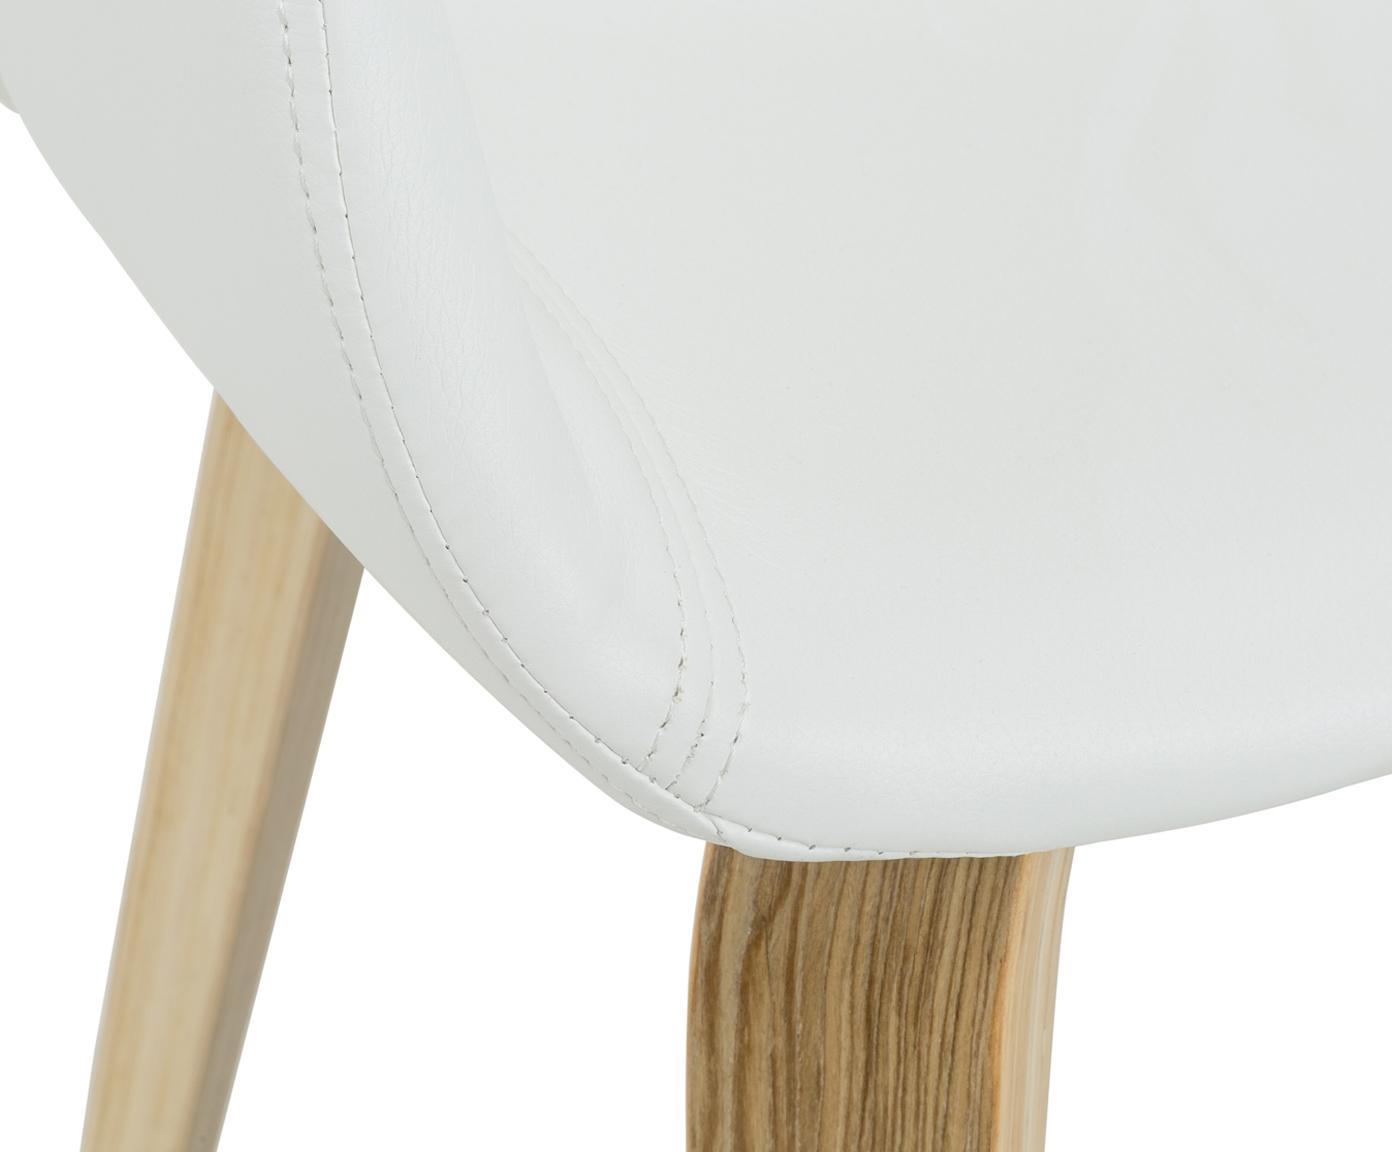 Kunstleder-Armlehnstühle Nova, 2 Stück, Beine: Eichenschichtholz, weiss , Bezug: Kunstleder (Polyurethan), Weiss, Eiche, B 50 x T 55 cm